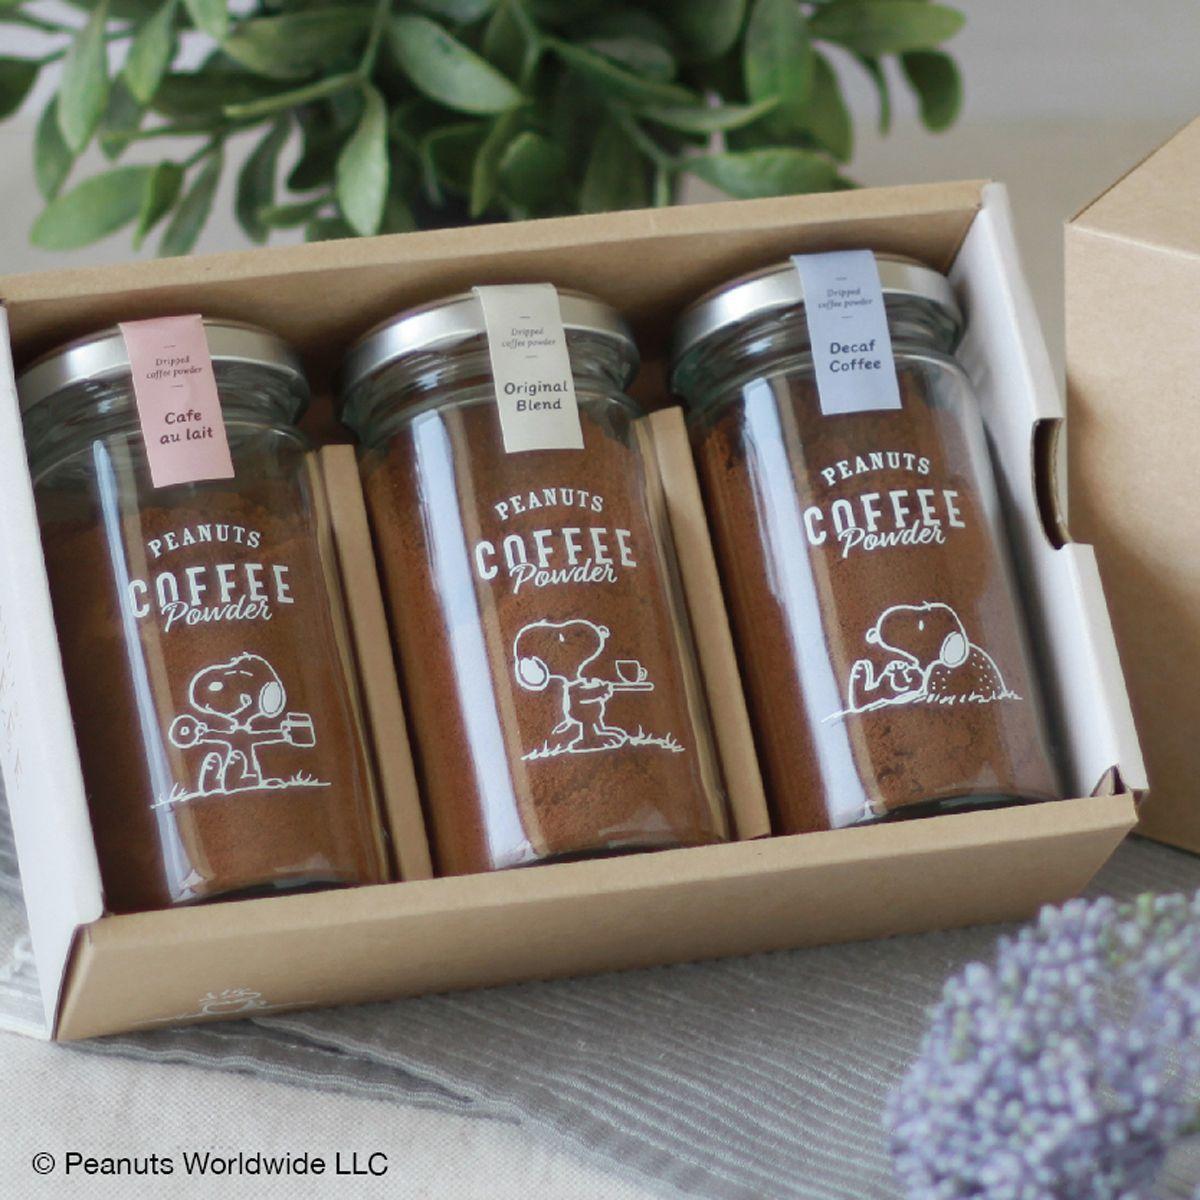 インスタントコーヒーの概念が変わる スヌーピーのギフトボックスを母の日に コーヒーギフト ギフトボックス コーヒー